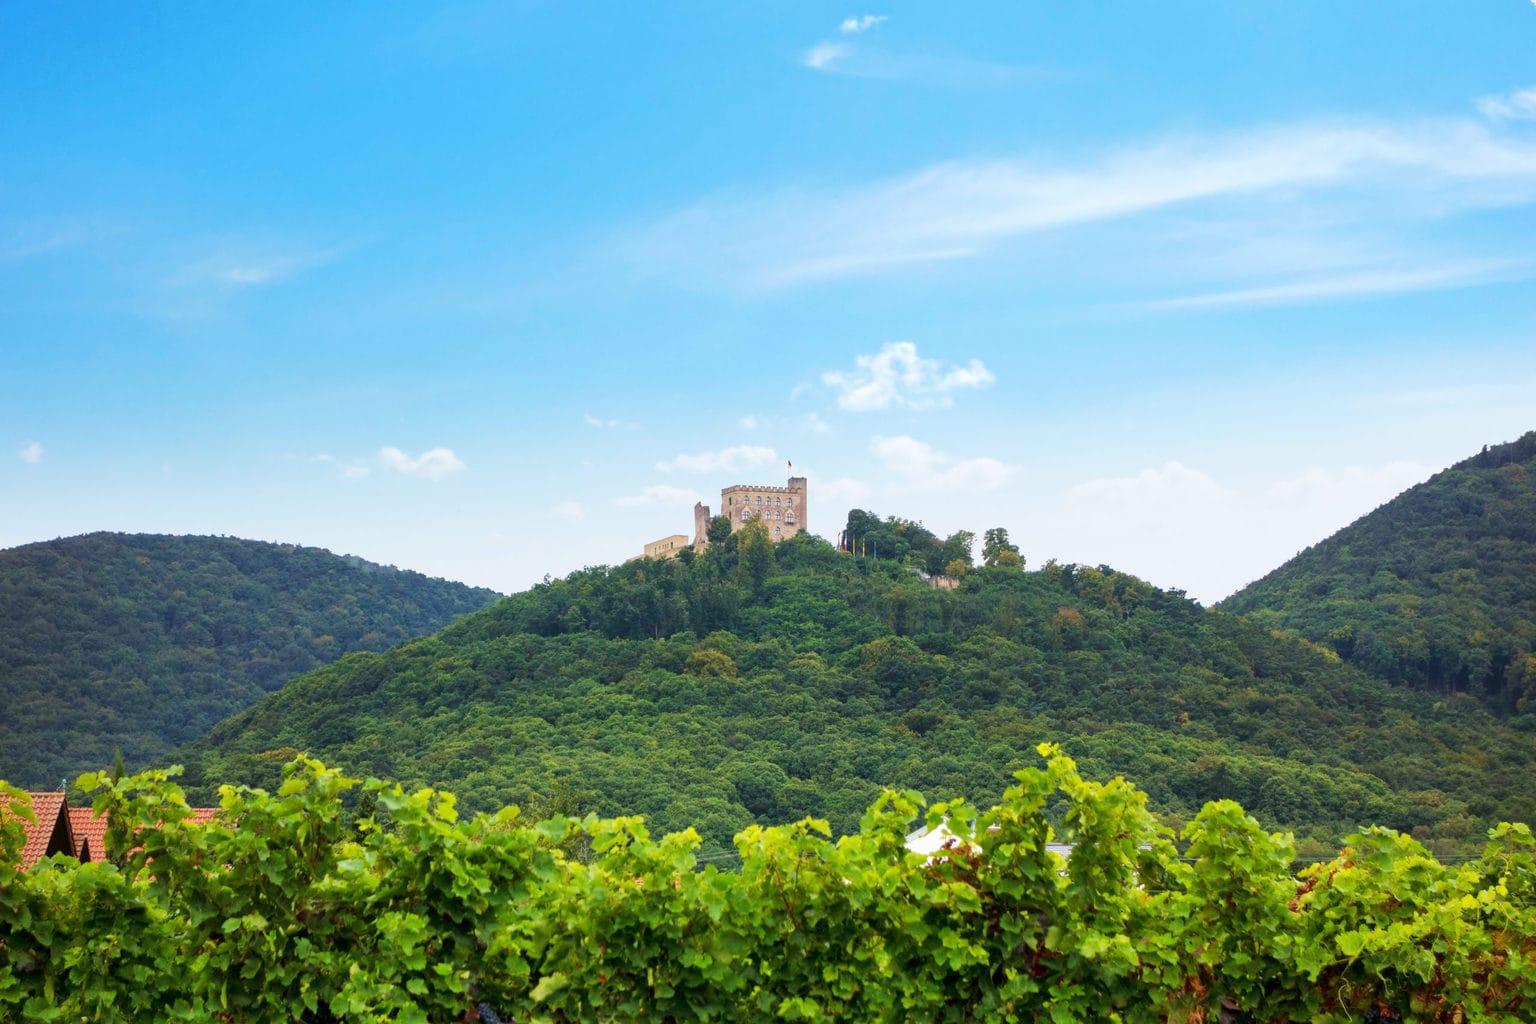 Het Hambacher Schloss ligt inmidden van wijngaarden